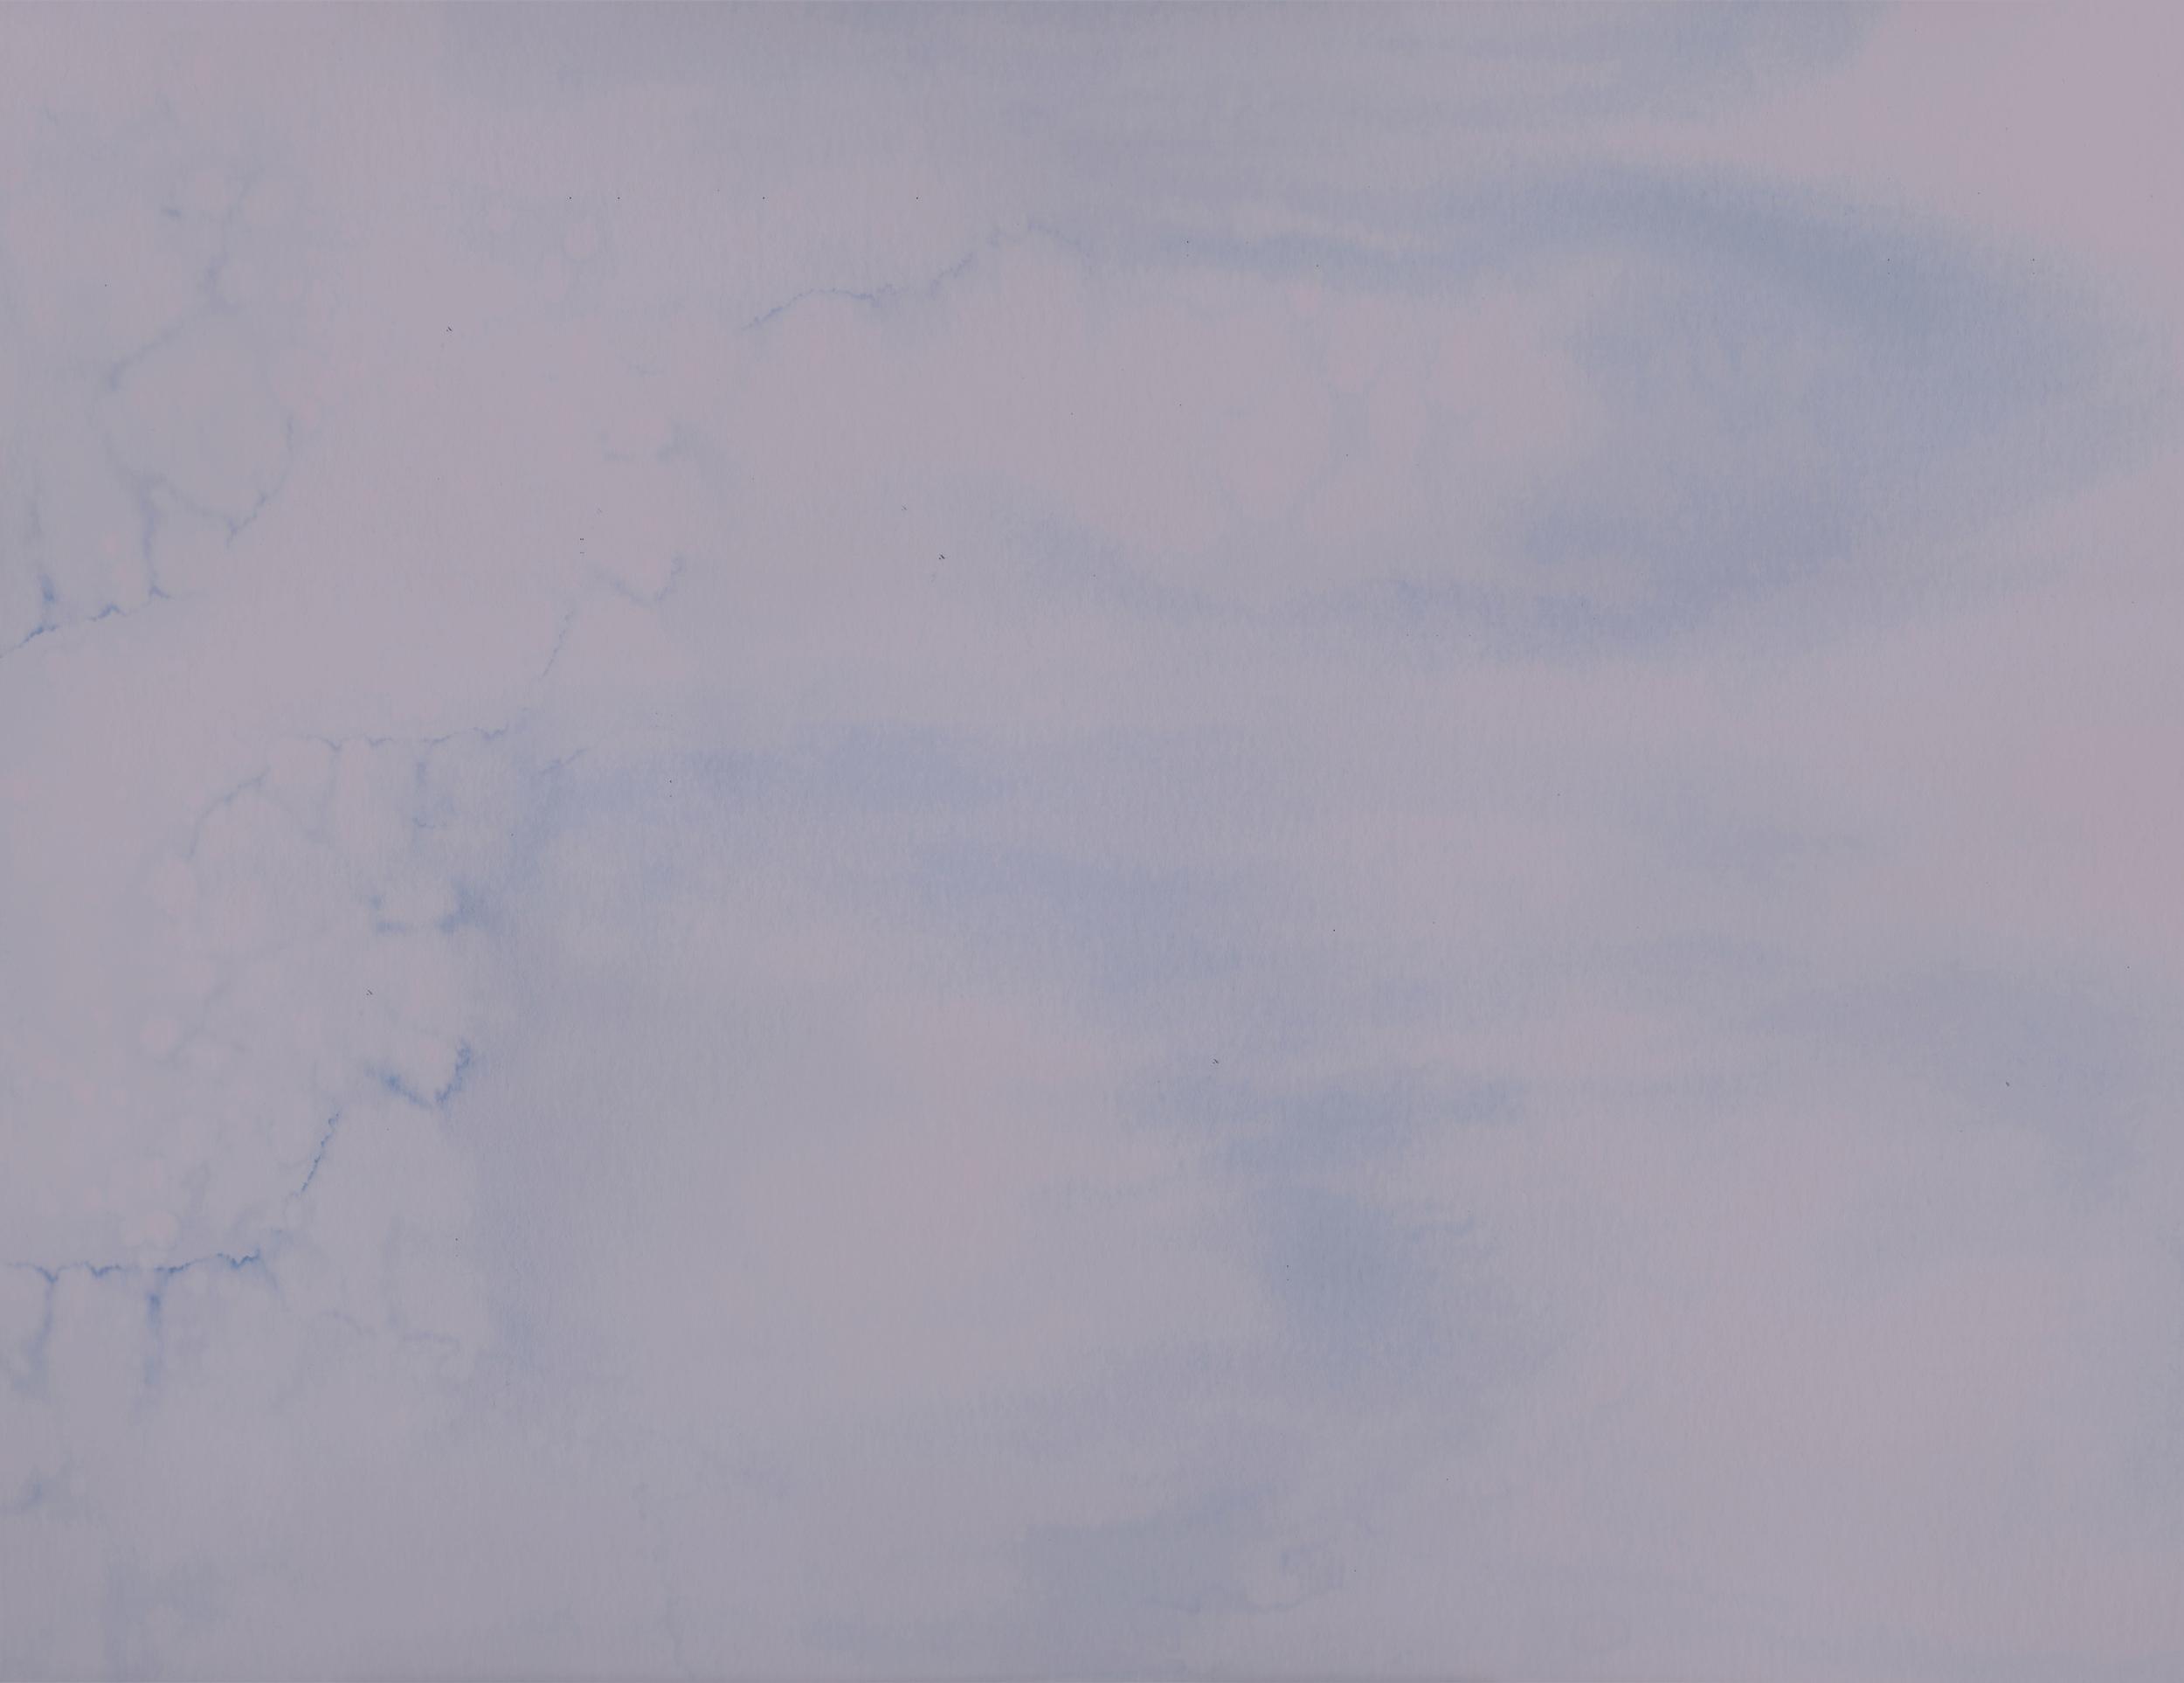 Hazy Watercolor Background by Annie Szafranski